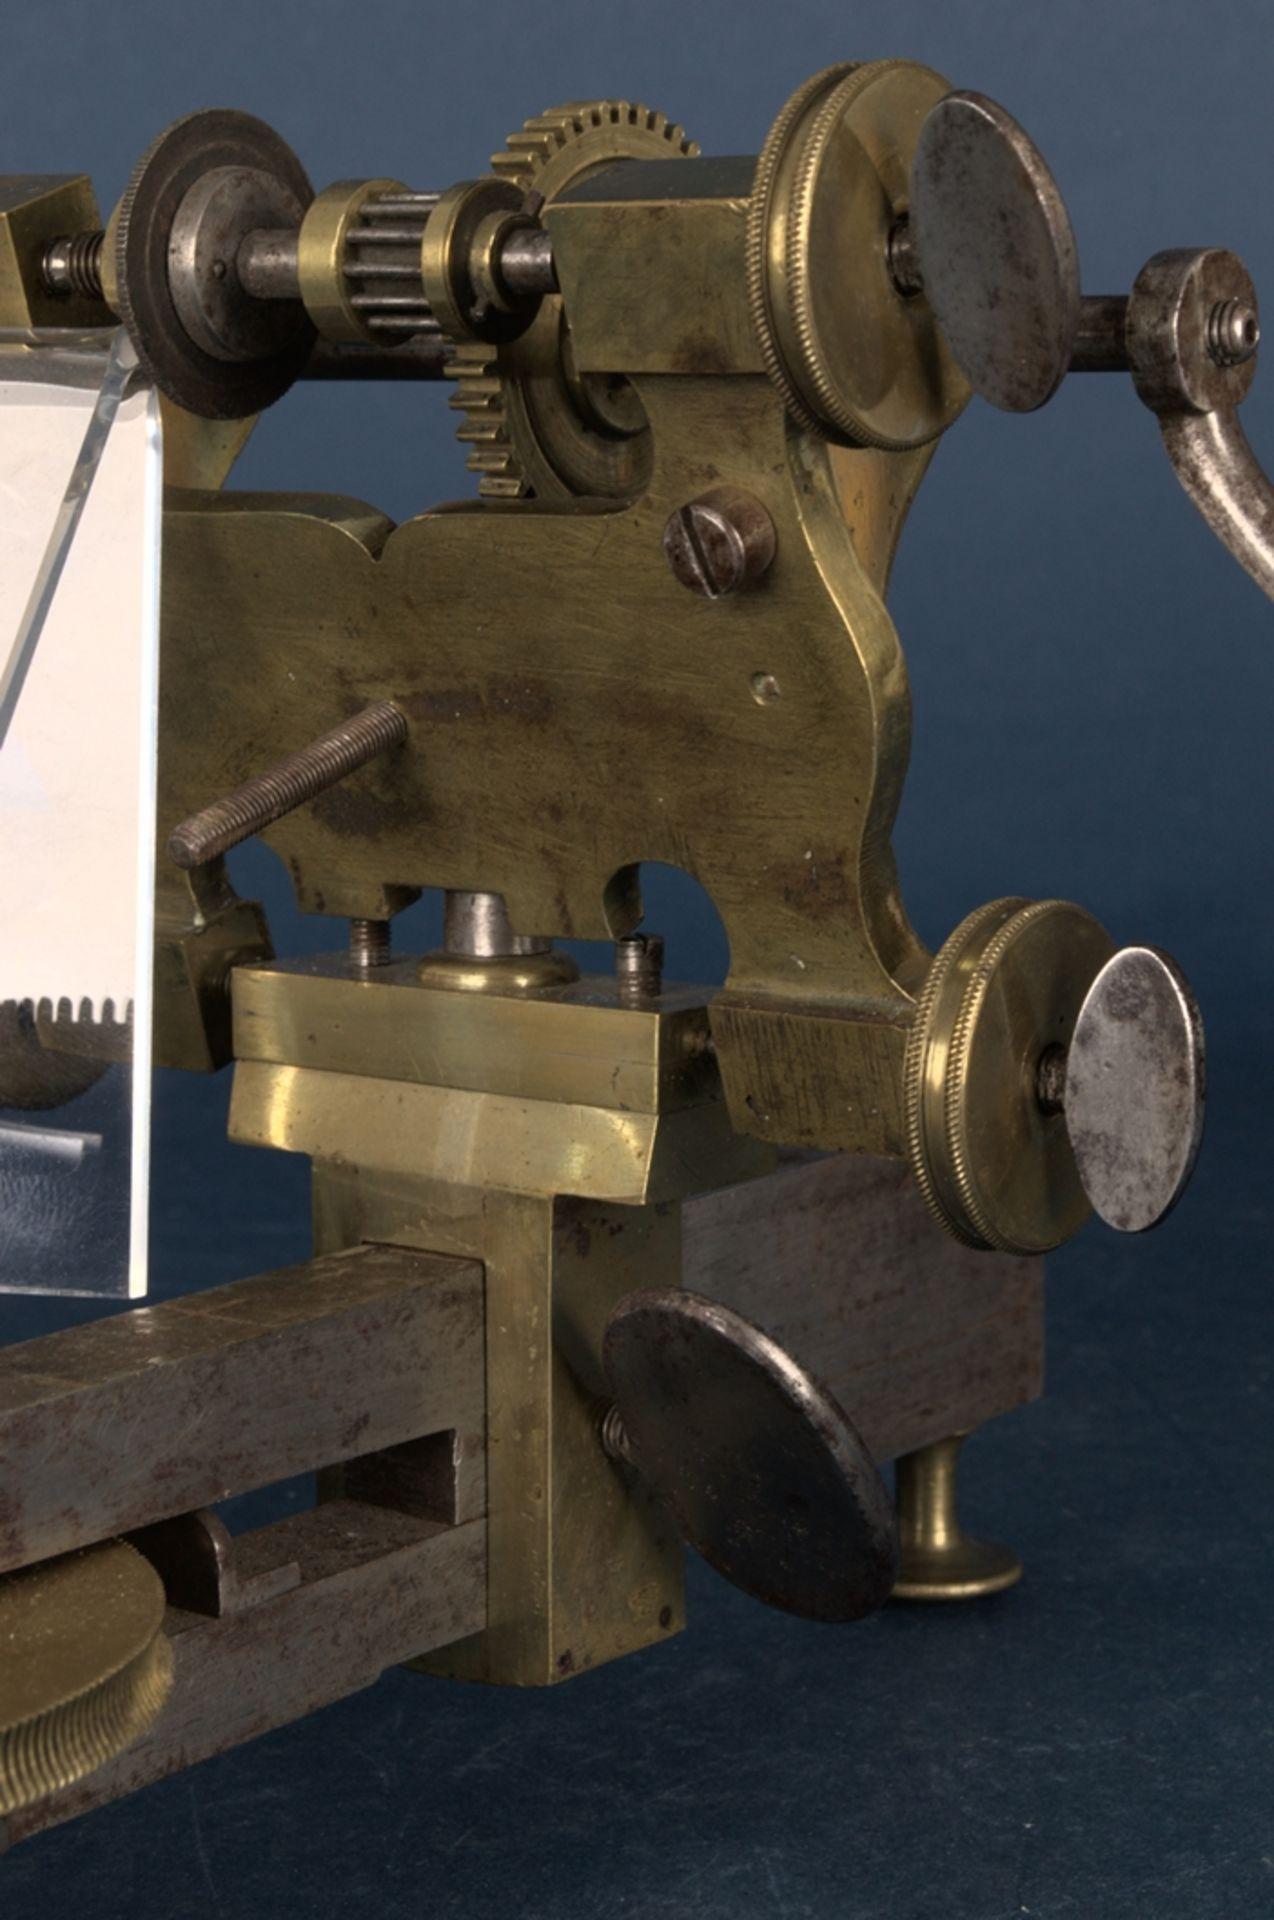 Zahnradfräsmaschine/Zahnräderschneidemaschine, frühes Uhrmacherwerkzeug, deutsch Mitte 18. Jhd., - Bild 28 aus 29